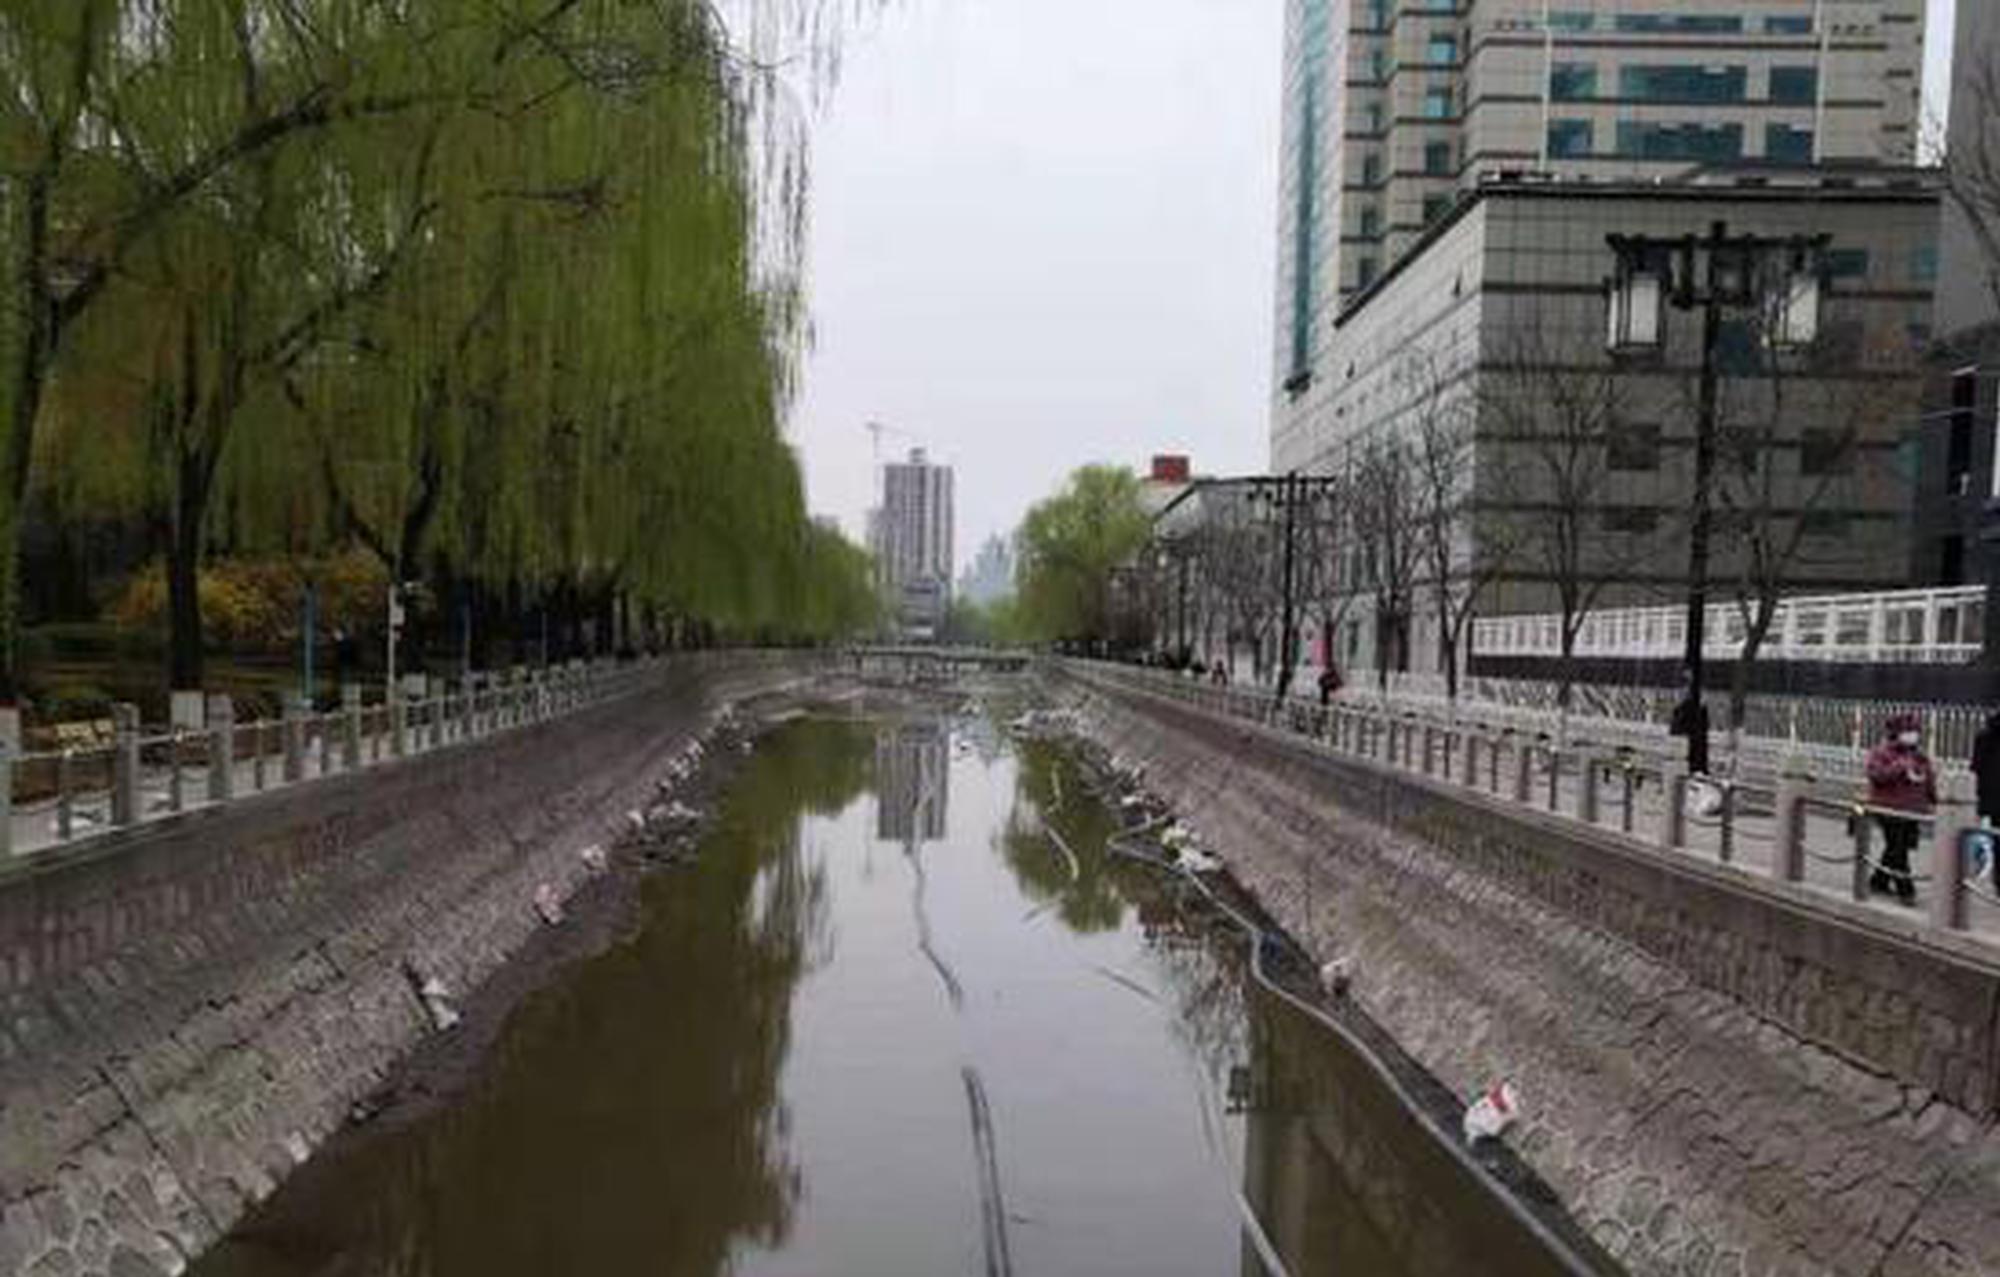 太原綜合施策節水控水:2022年有效遏制地下水超采